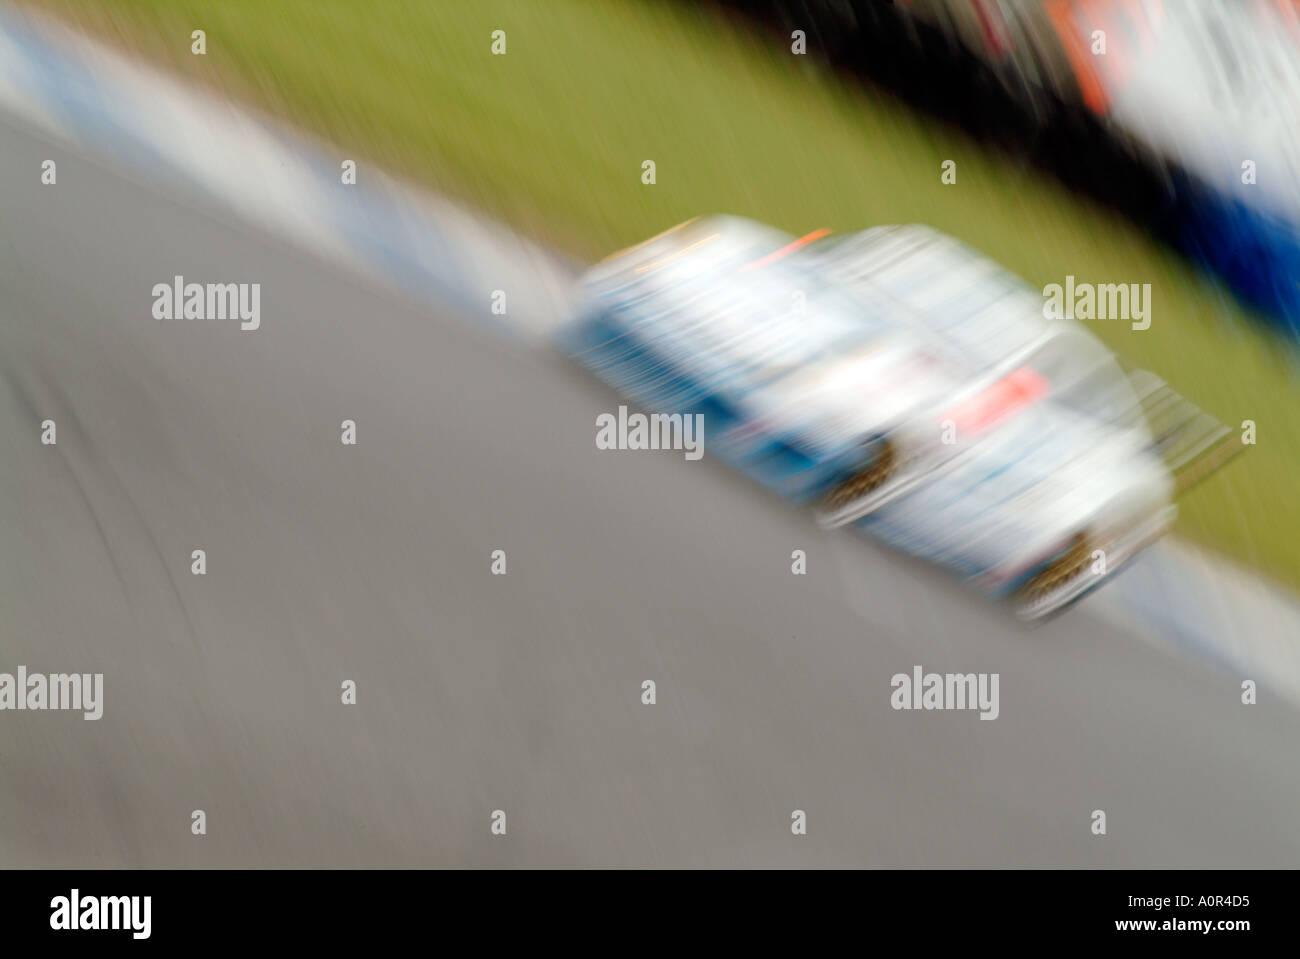 Racing corsa in auto motor sport auto rischio vincere perdere velocità rapida potenza di sfocatura movimento movimento potenza motore rischio concorrenza interesse maschio Immagini Stock